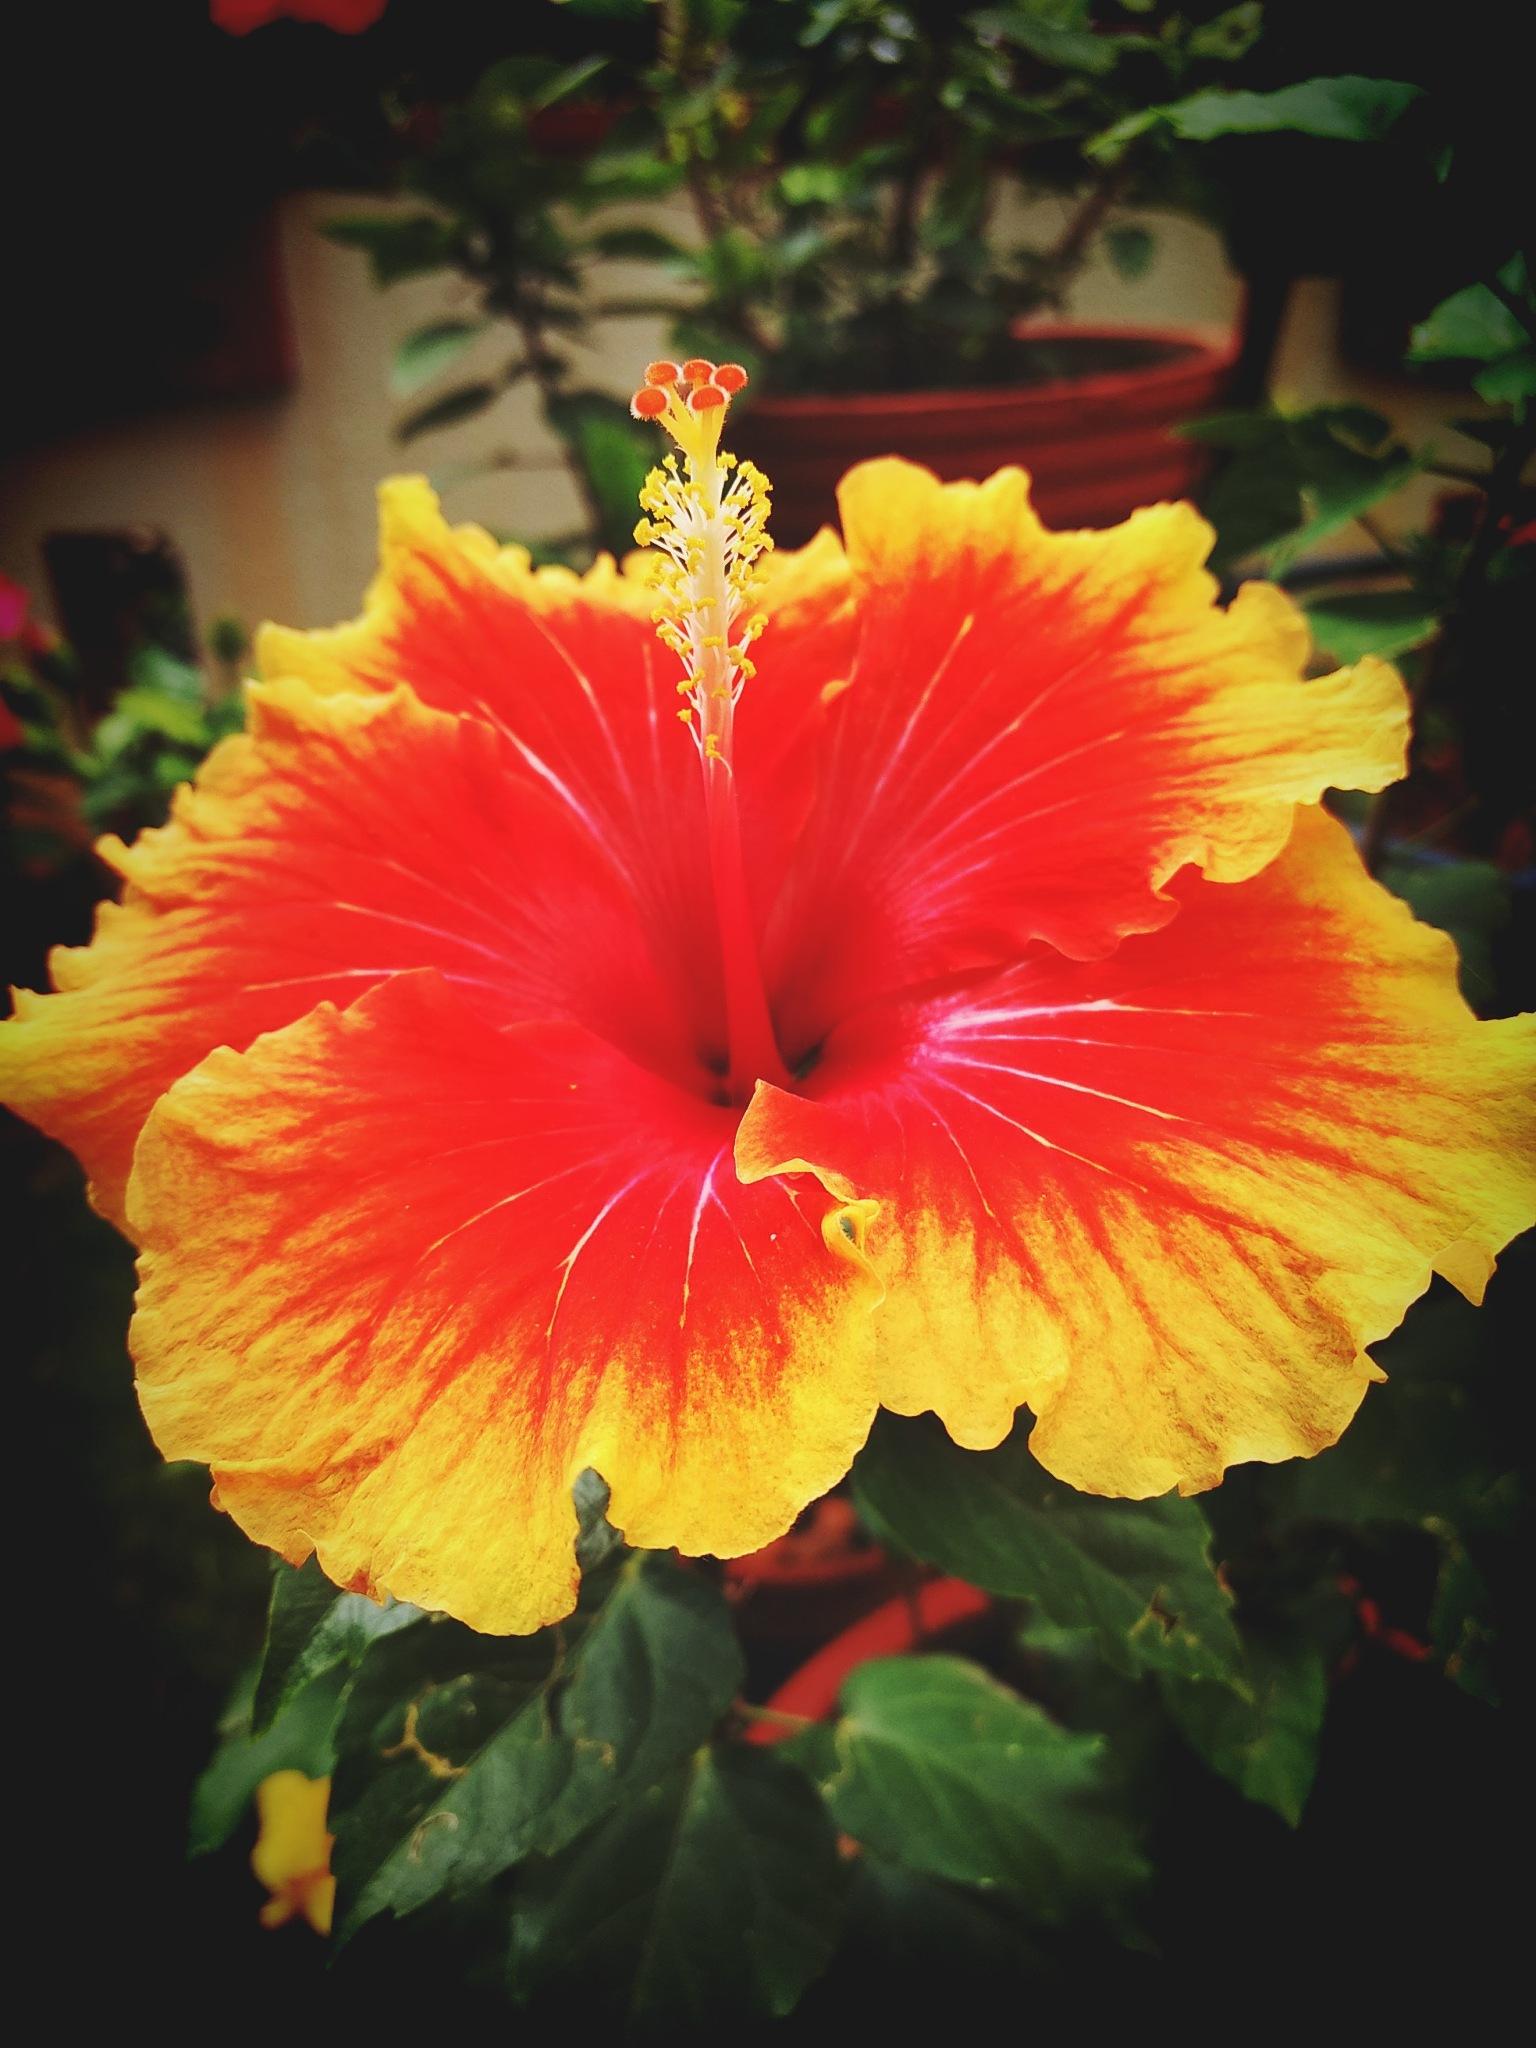 morning Bloom  by zen123456